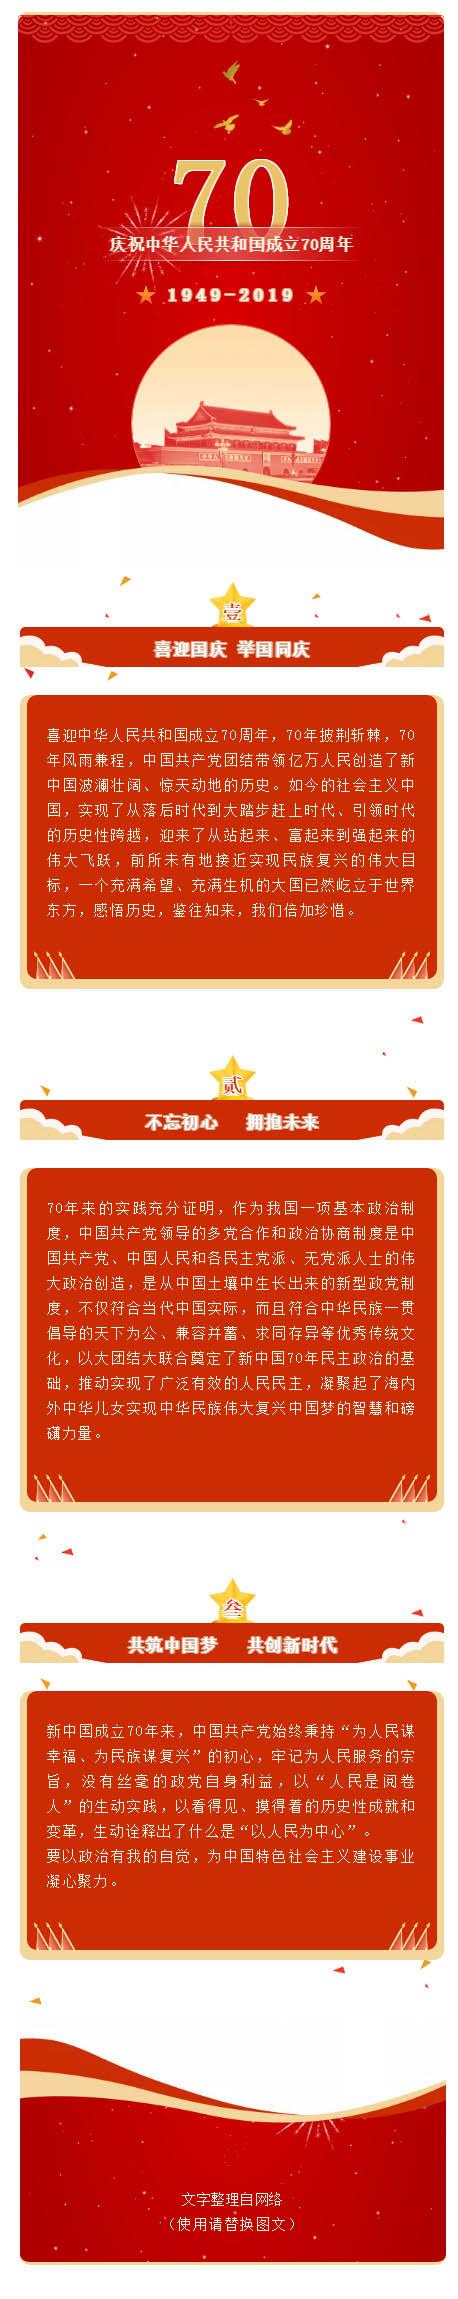 庆祝中华人民共和国成立70周年红色动态背景国庆节微信推送素材公众号推文模板